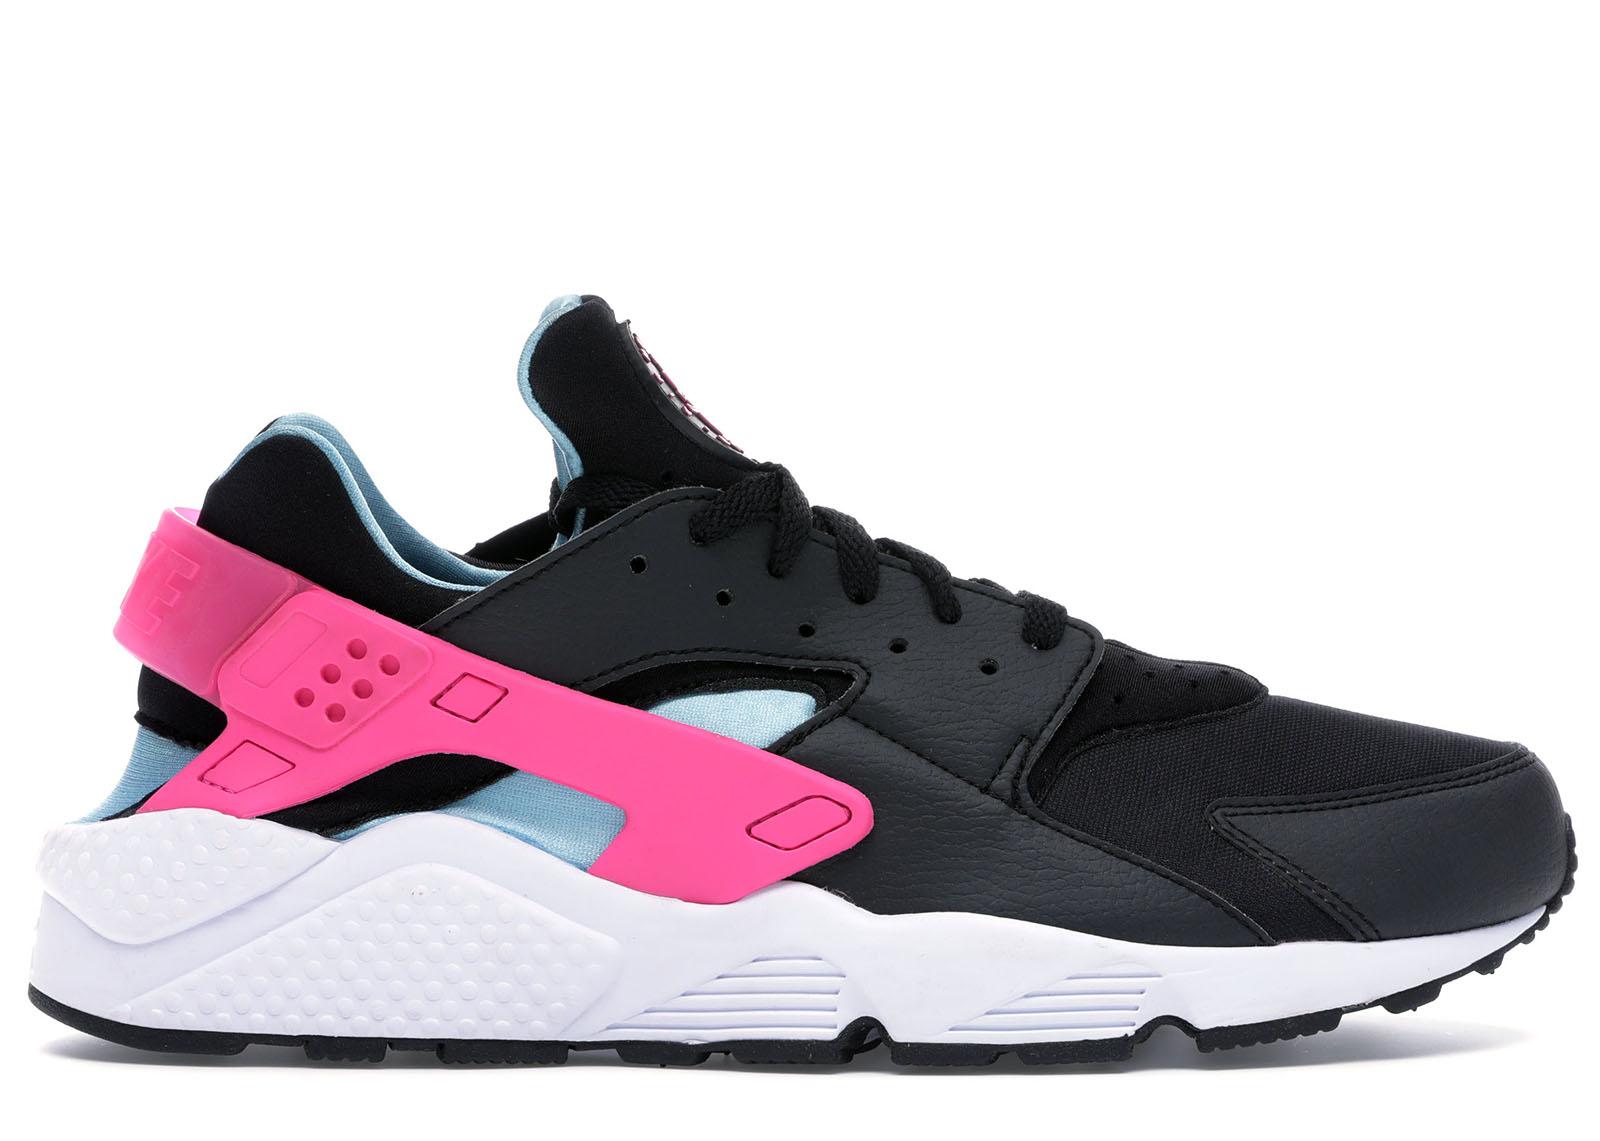 Nike Air Huarache Run Black Laser